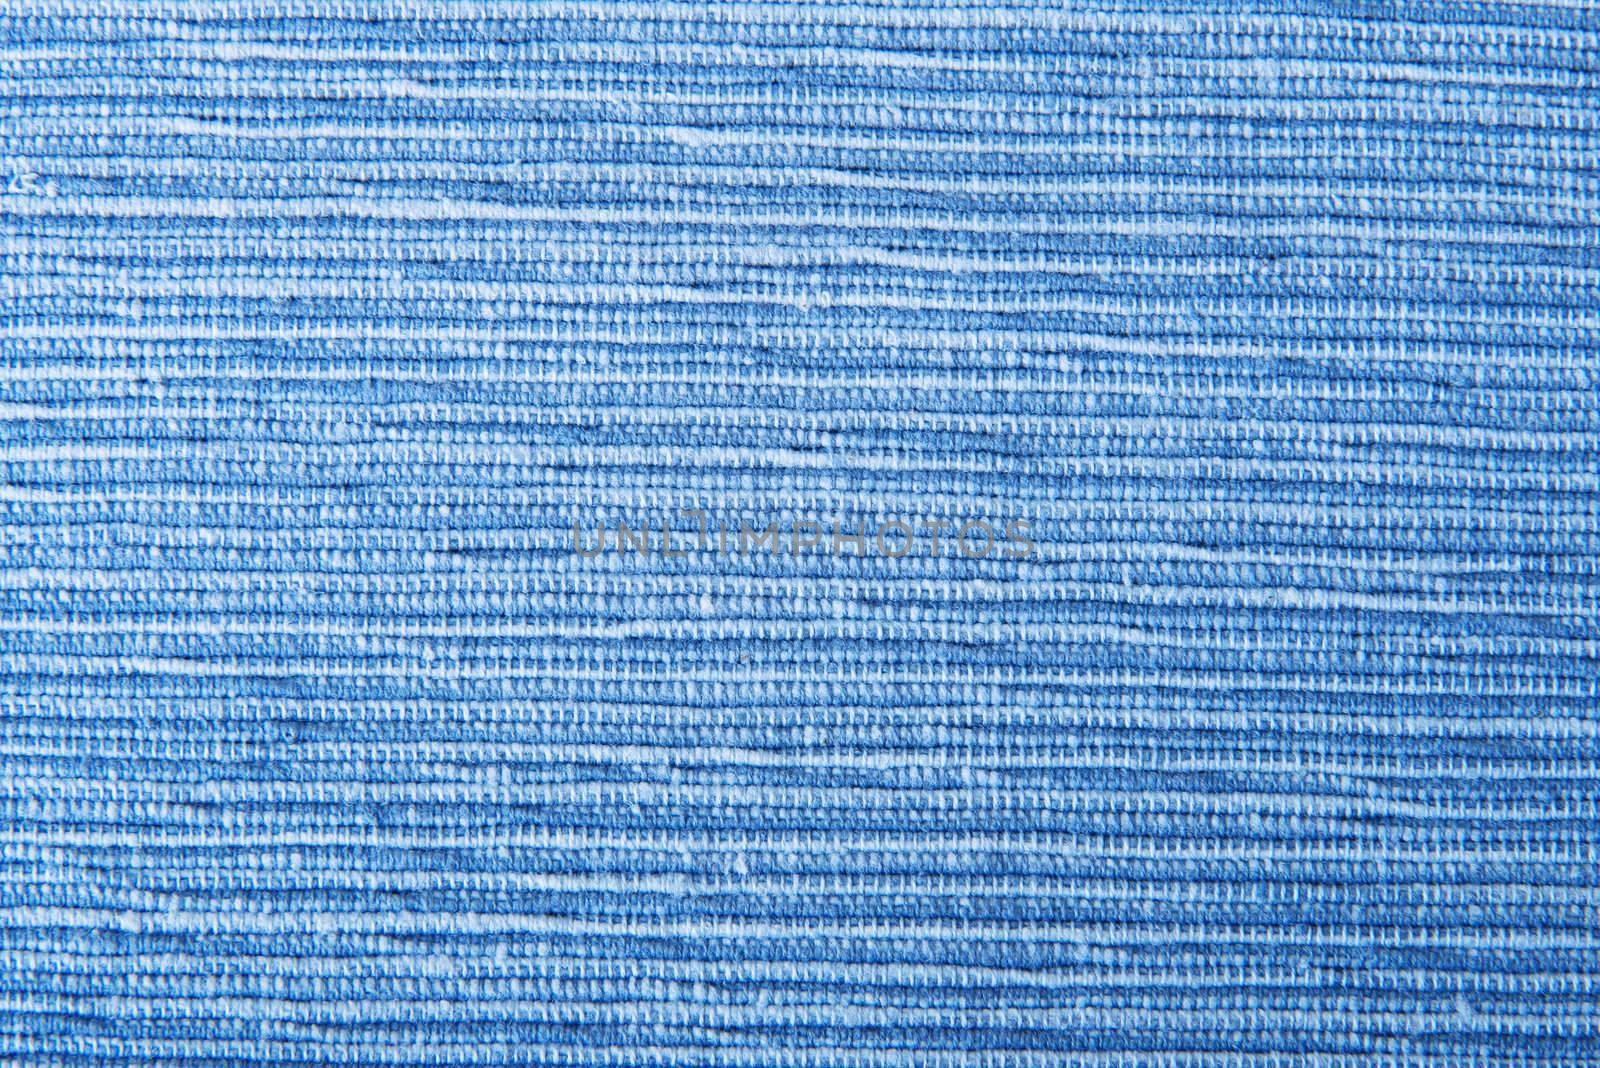 Blue textile texture background